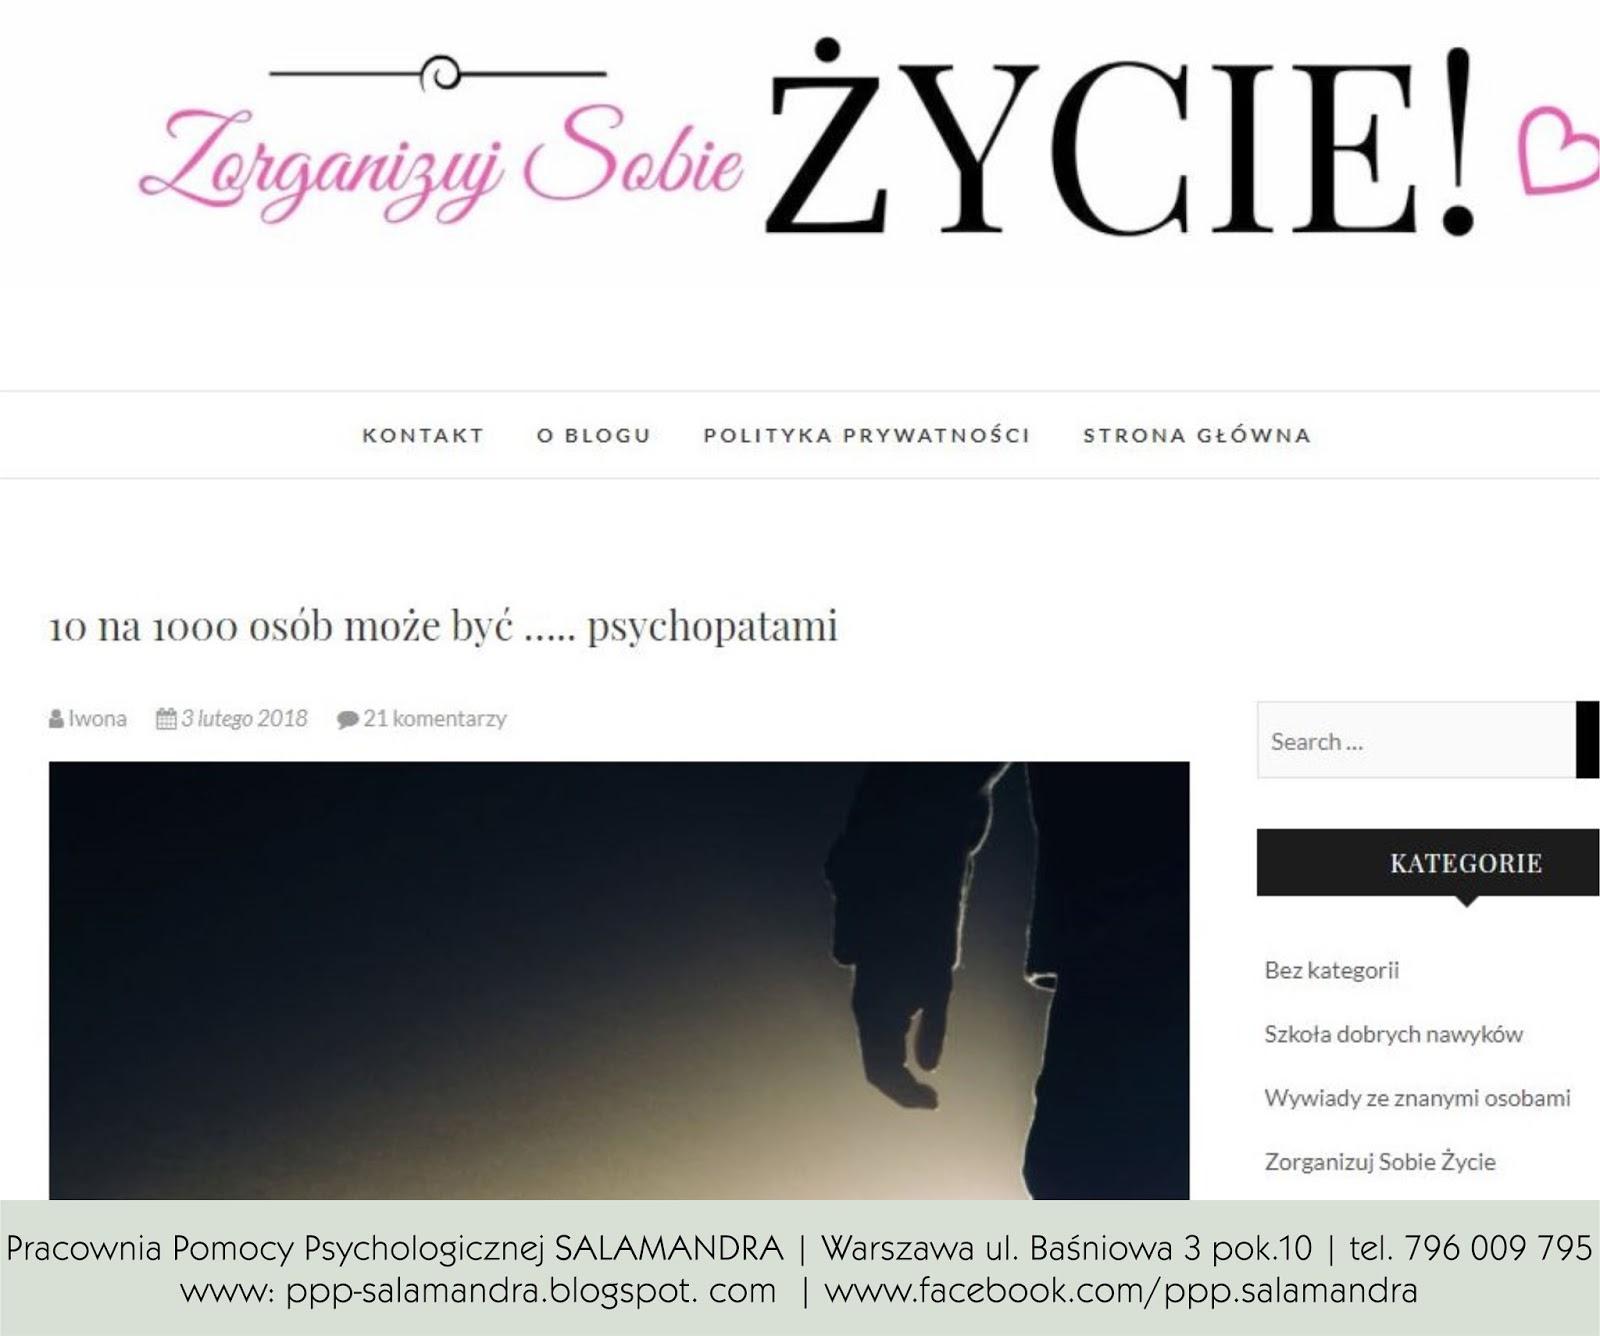 Dobry psycholog Warszawa w wywiadzie o tym, że 10 na 1000 osób może być psychopatami